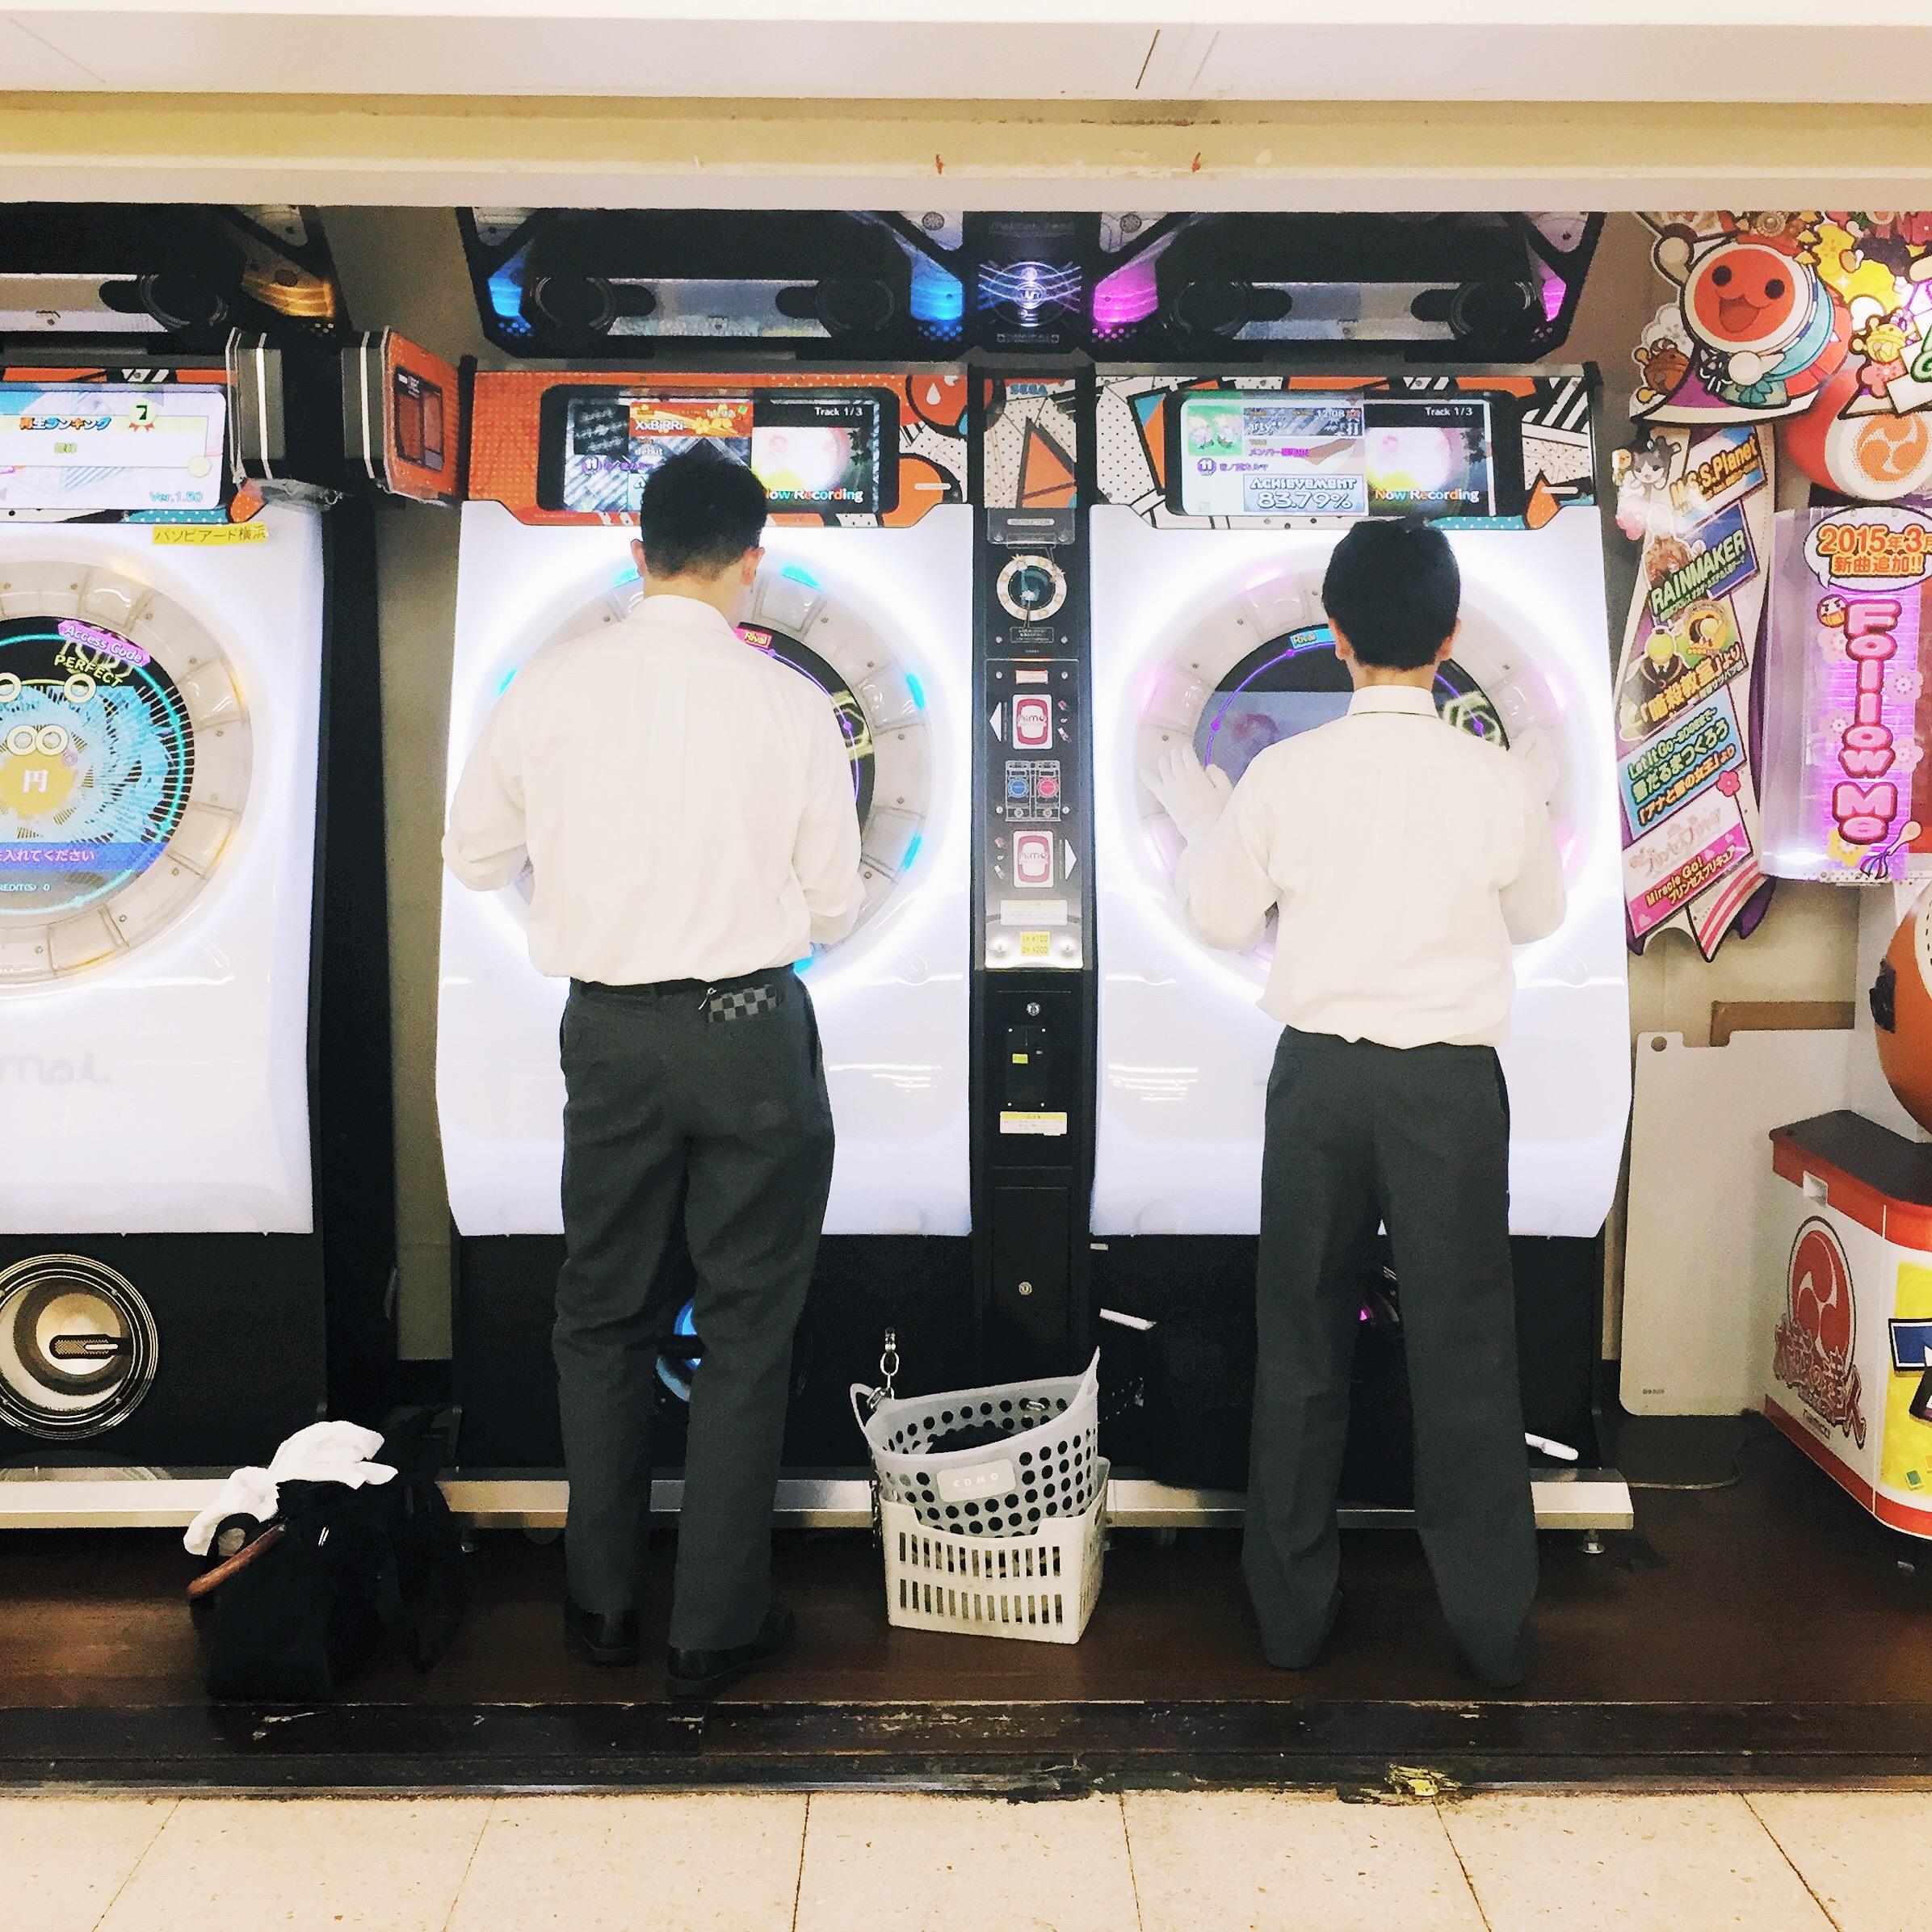 Washing machine (?) Game at Taito